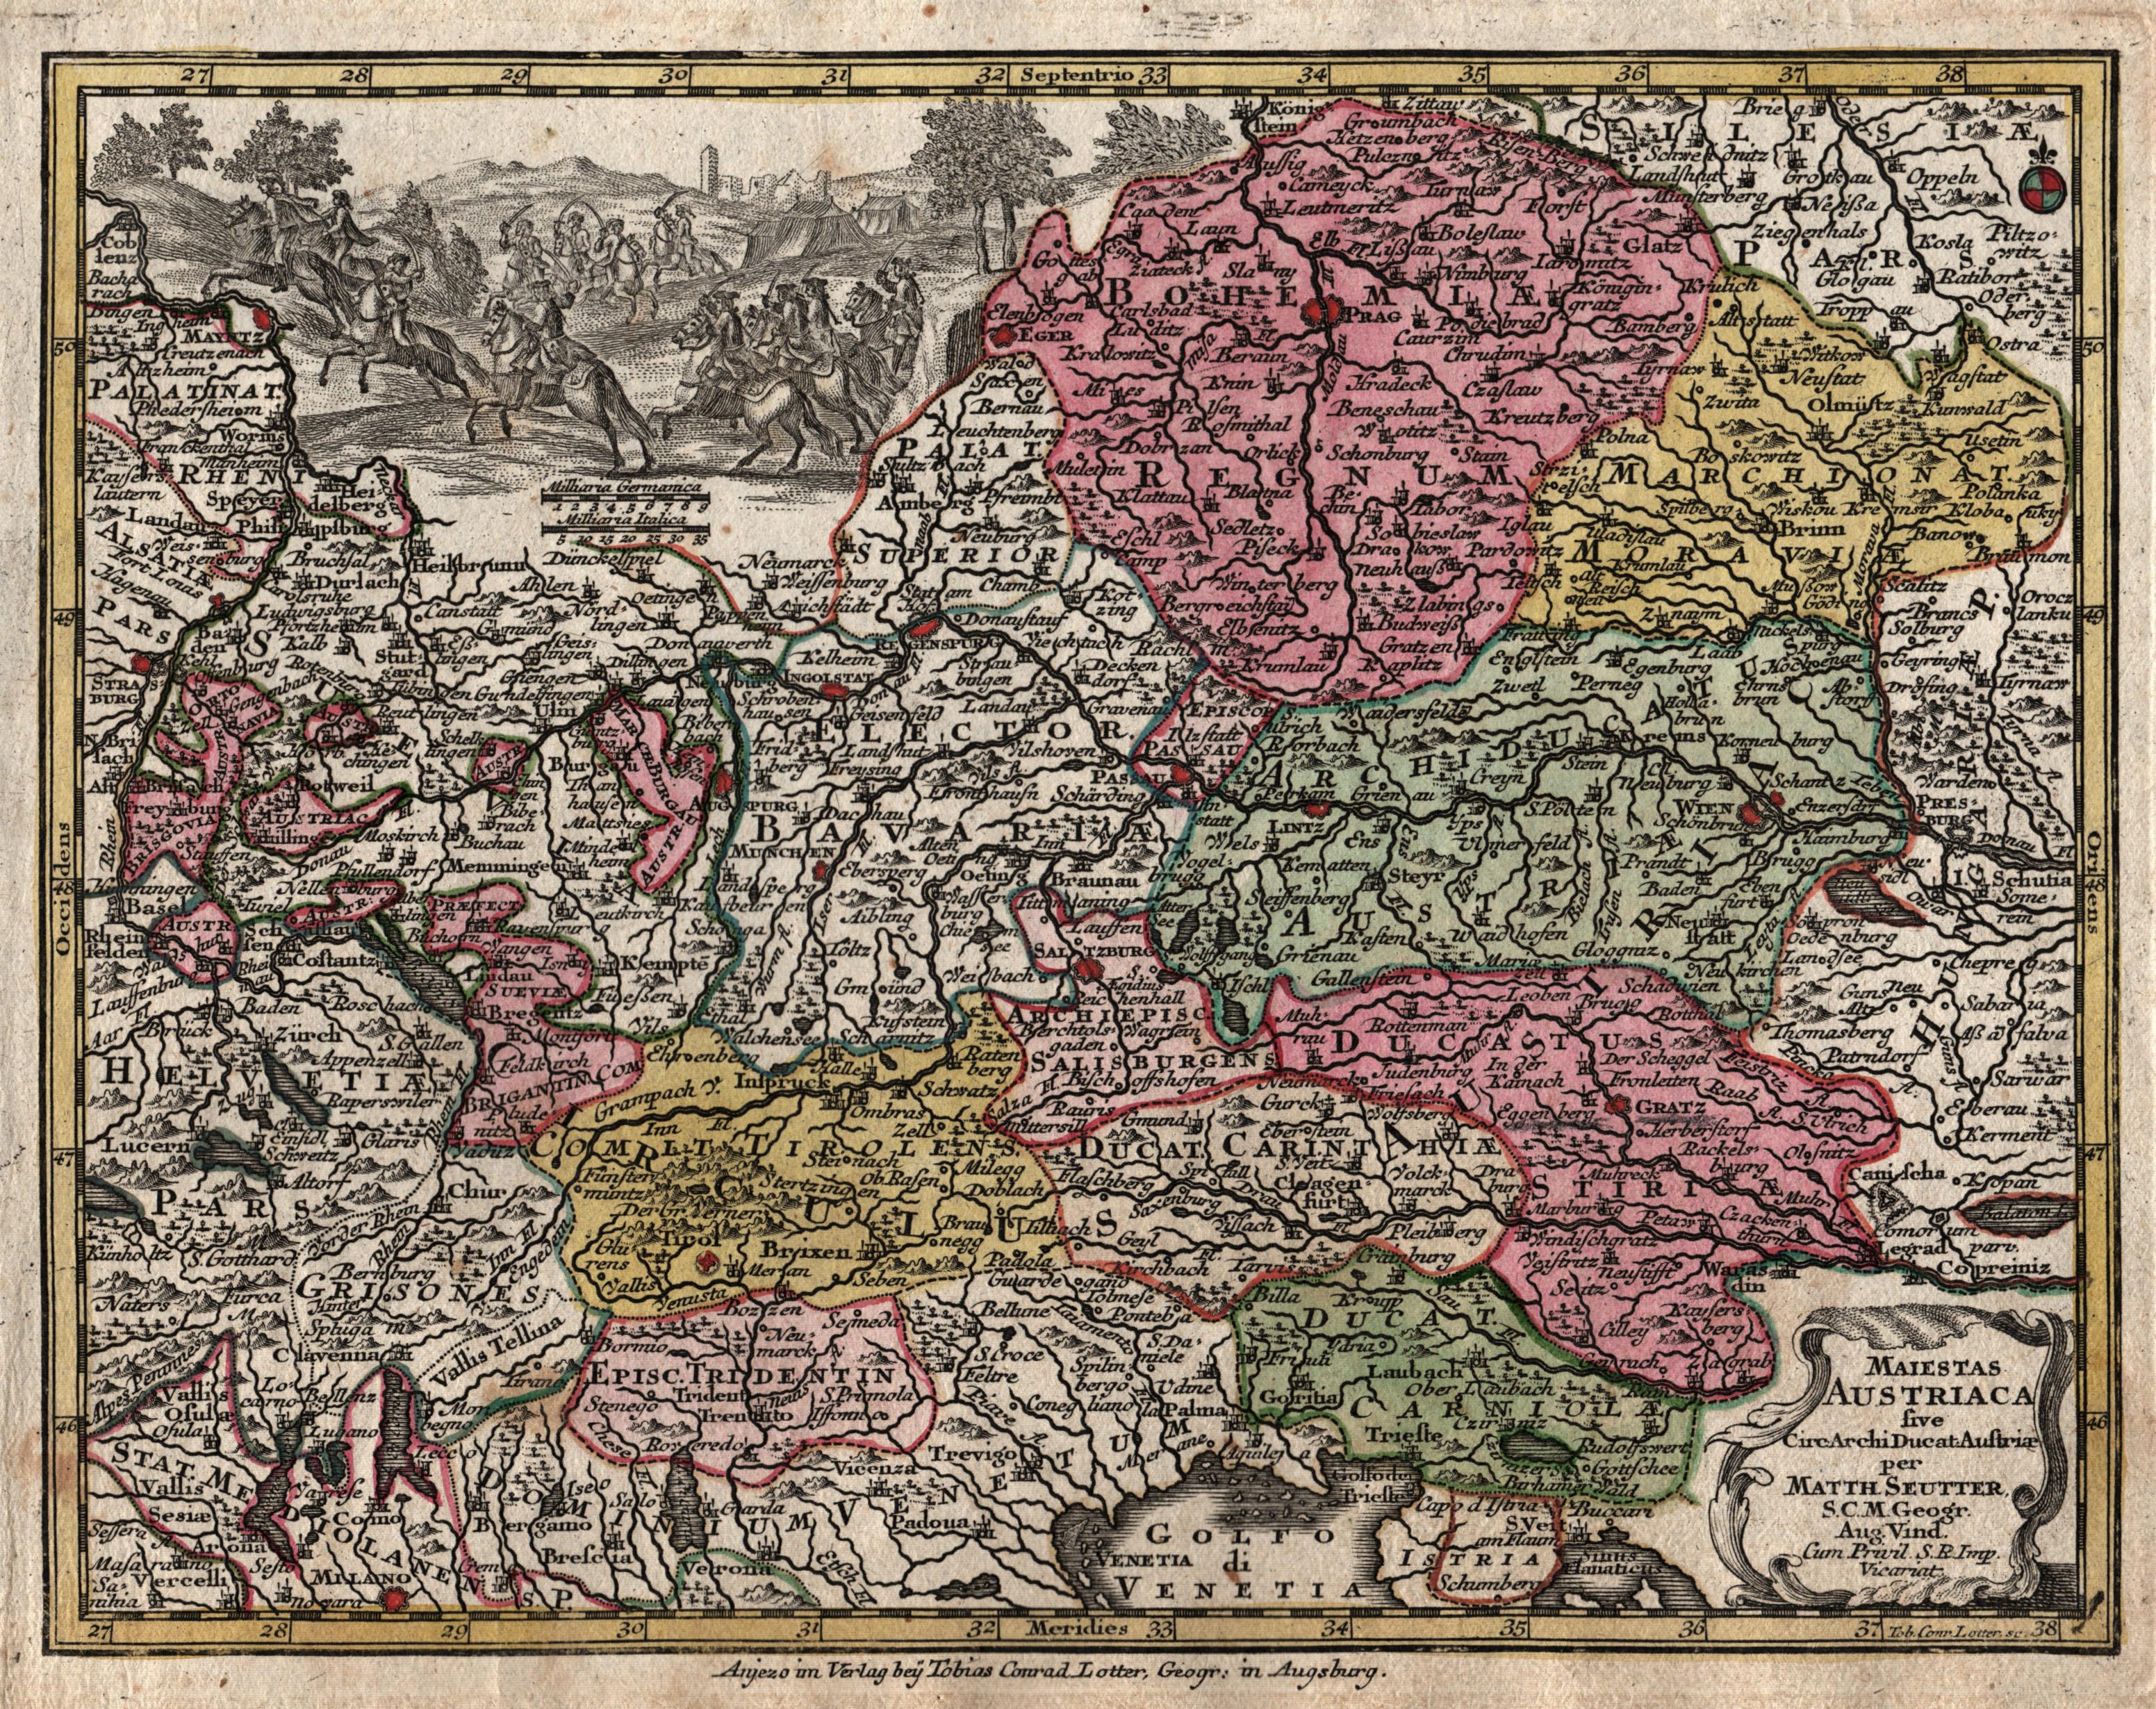 Kst.- Karte, n. Seutter v. und b.: Österreichischer Kreis: